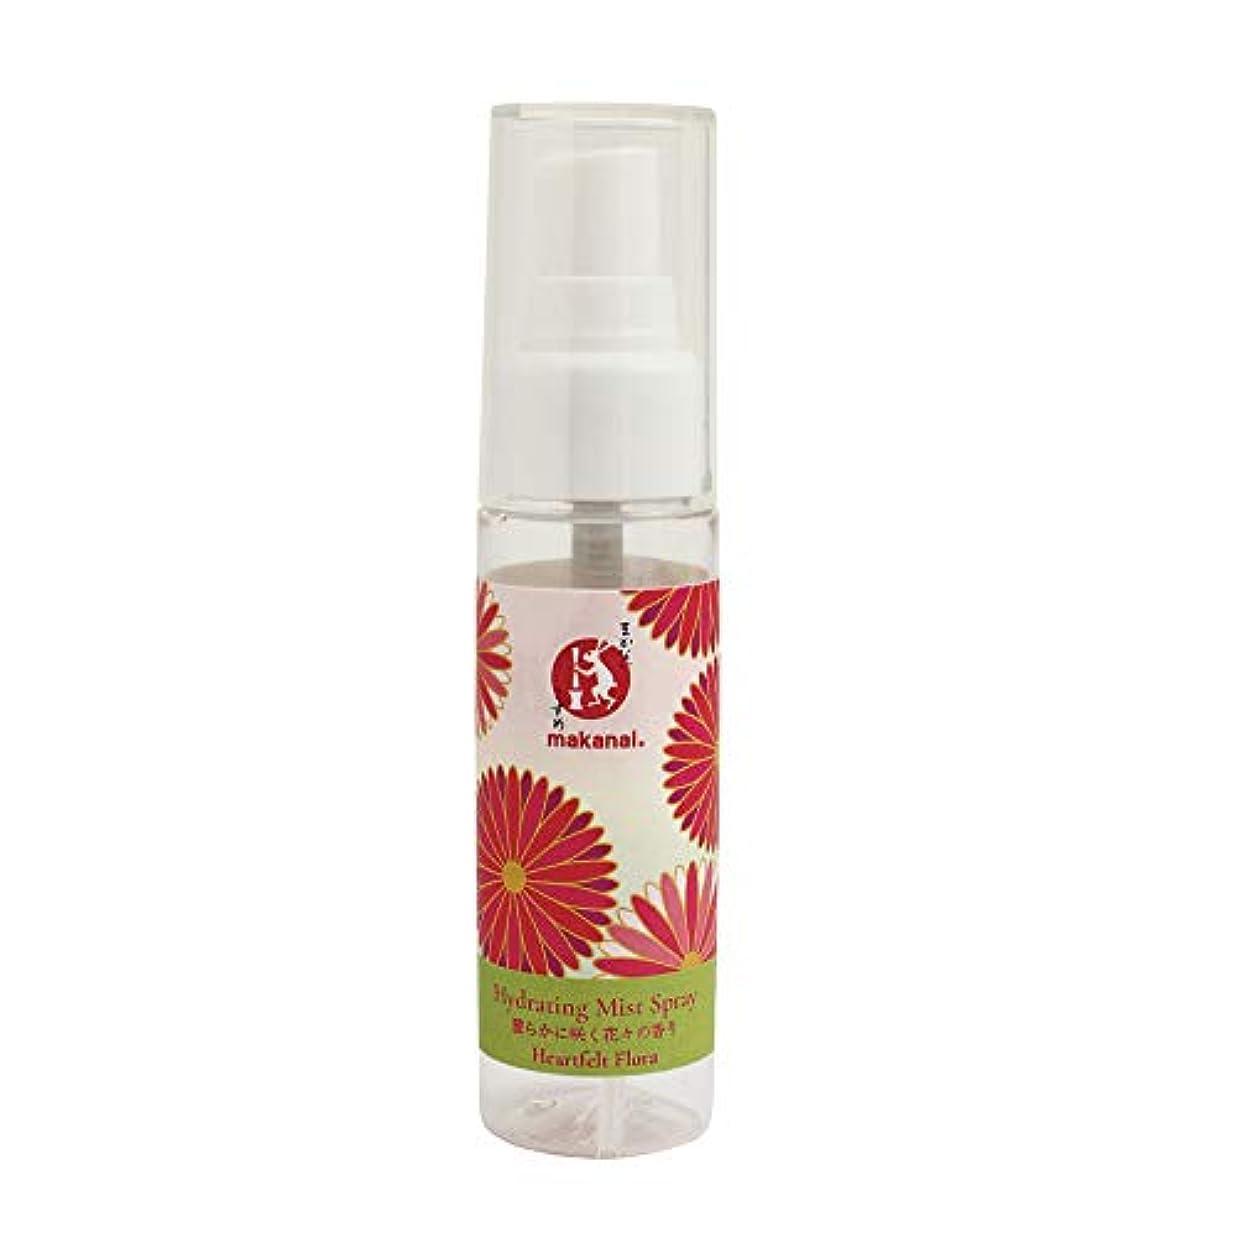 メディカルパッケージ希少性まかないこすめ もっとうるおいたい日の保湿スプレー(麗らかに咲く花々の香り) 50ml